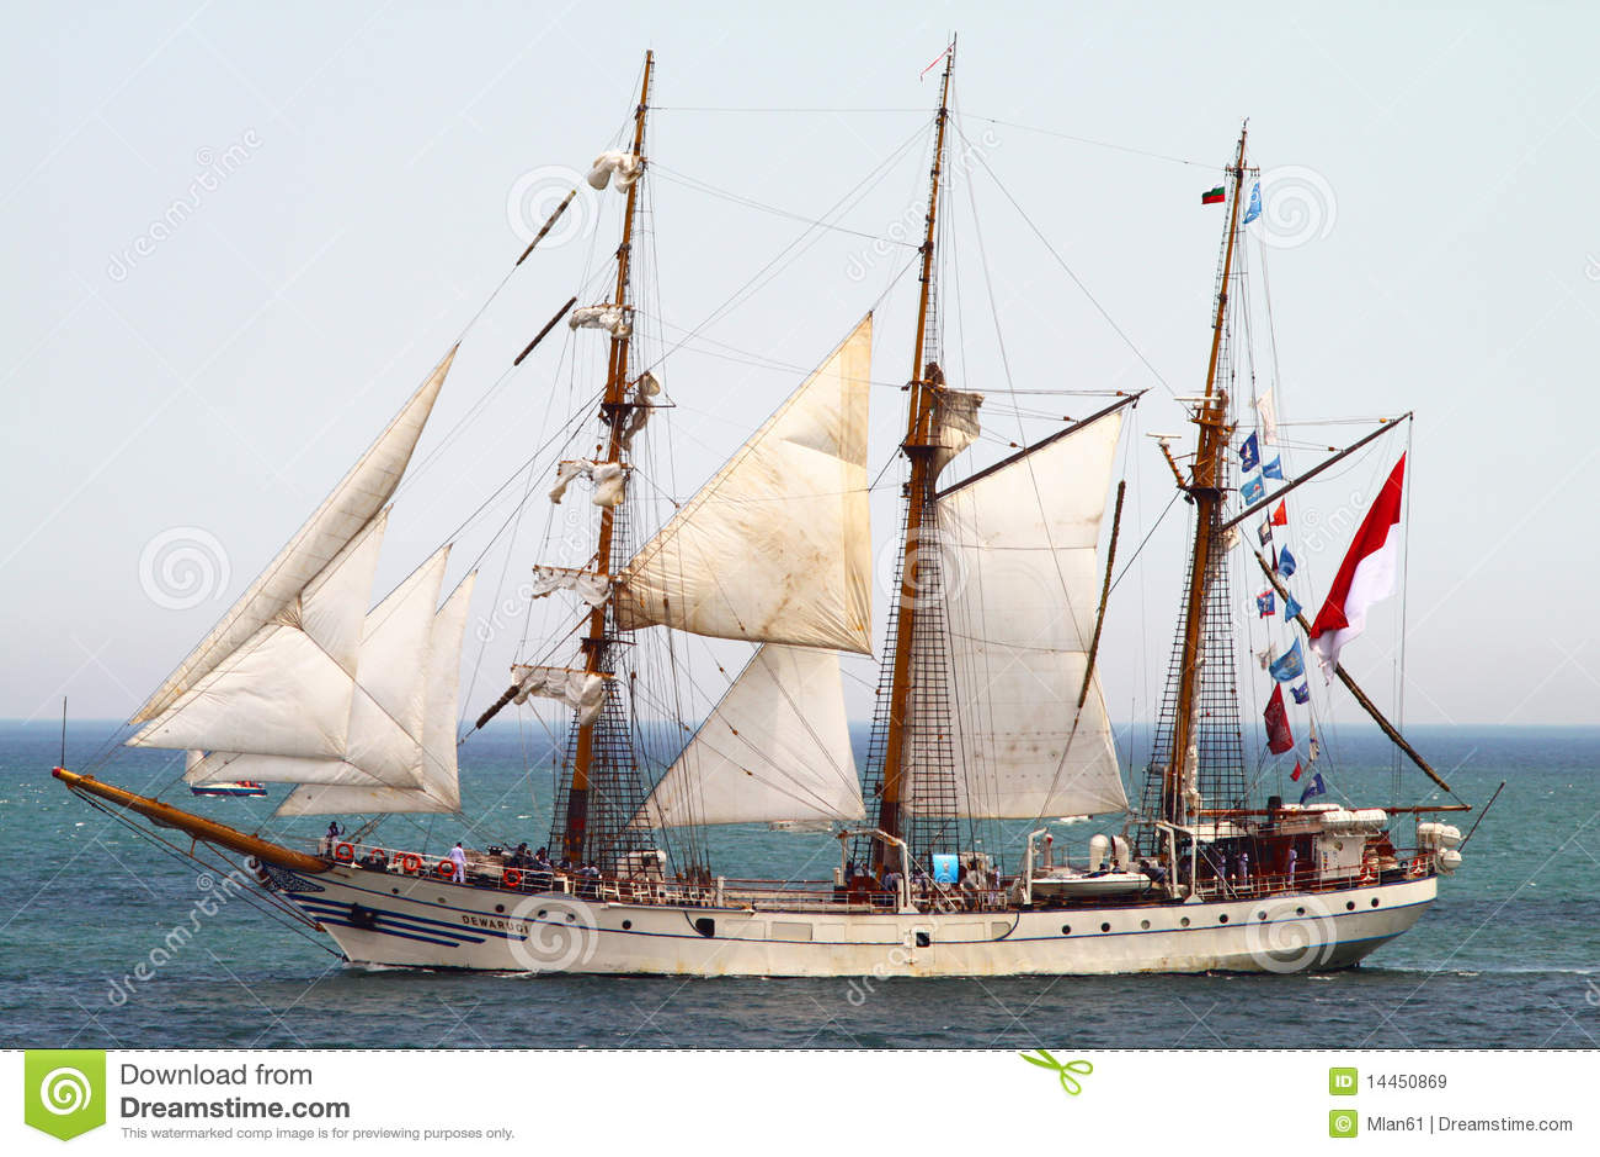 2010 dziejowych regatta morzy statków wysokich